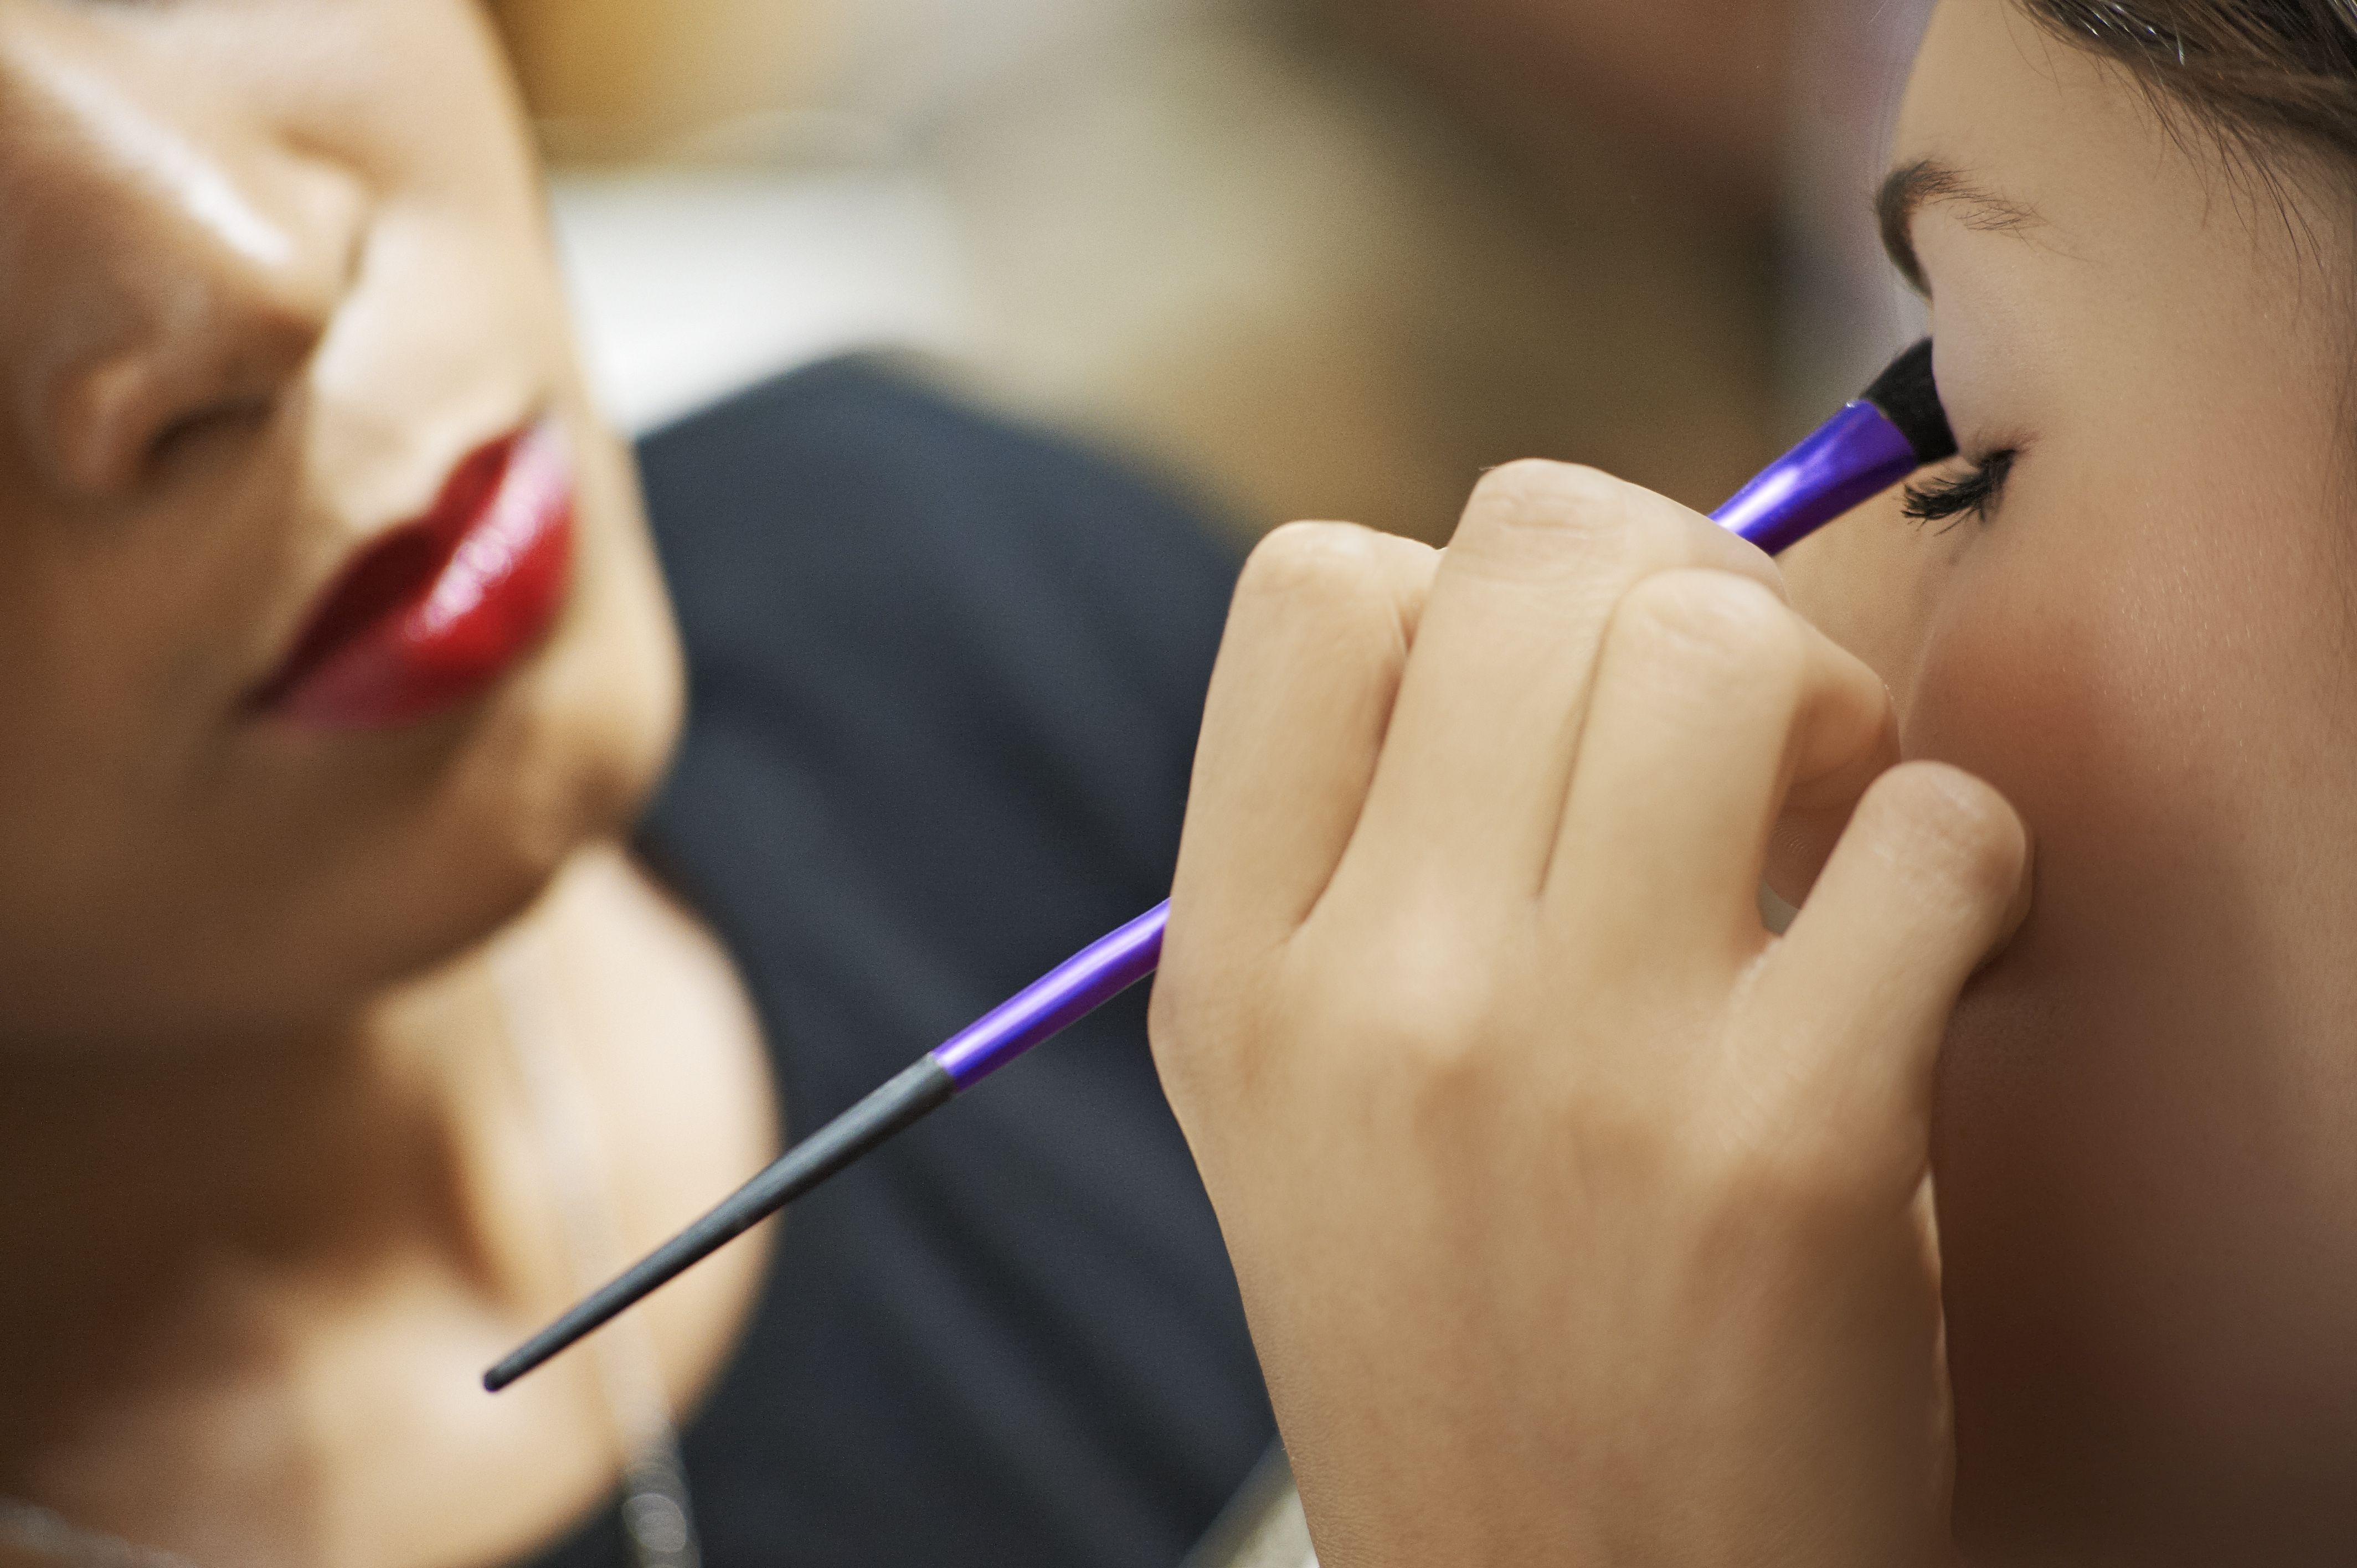 Advisors for beauty. Online work, Beauty, Business